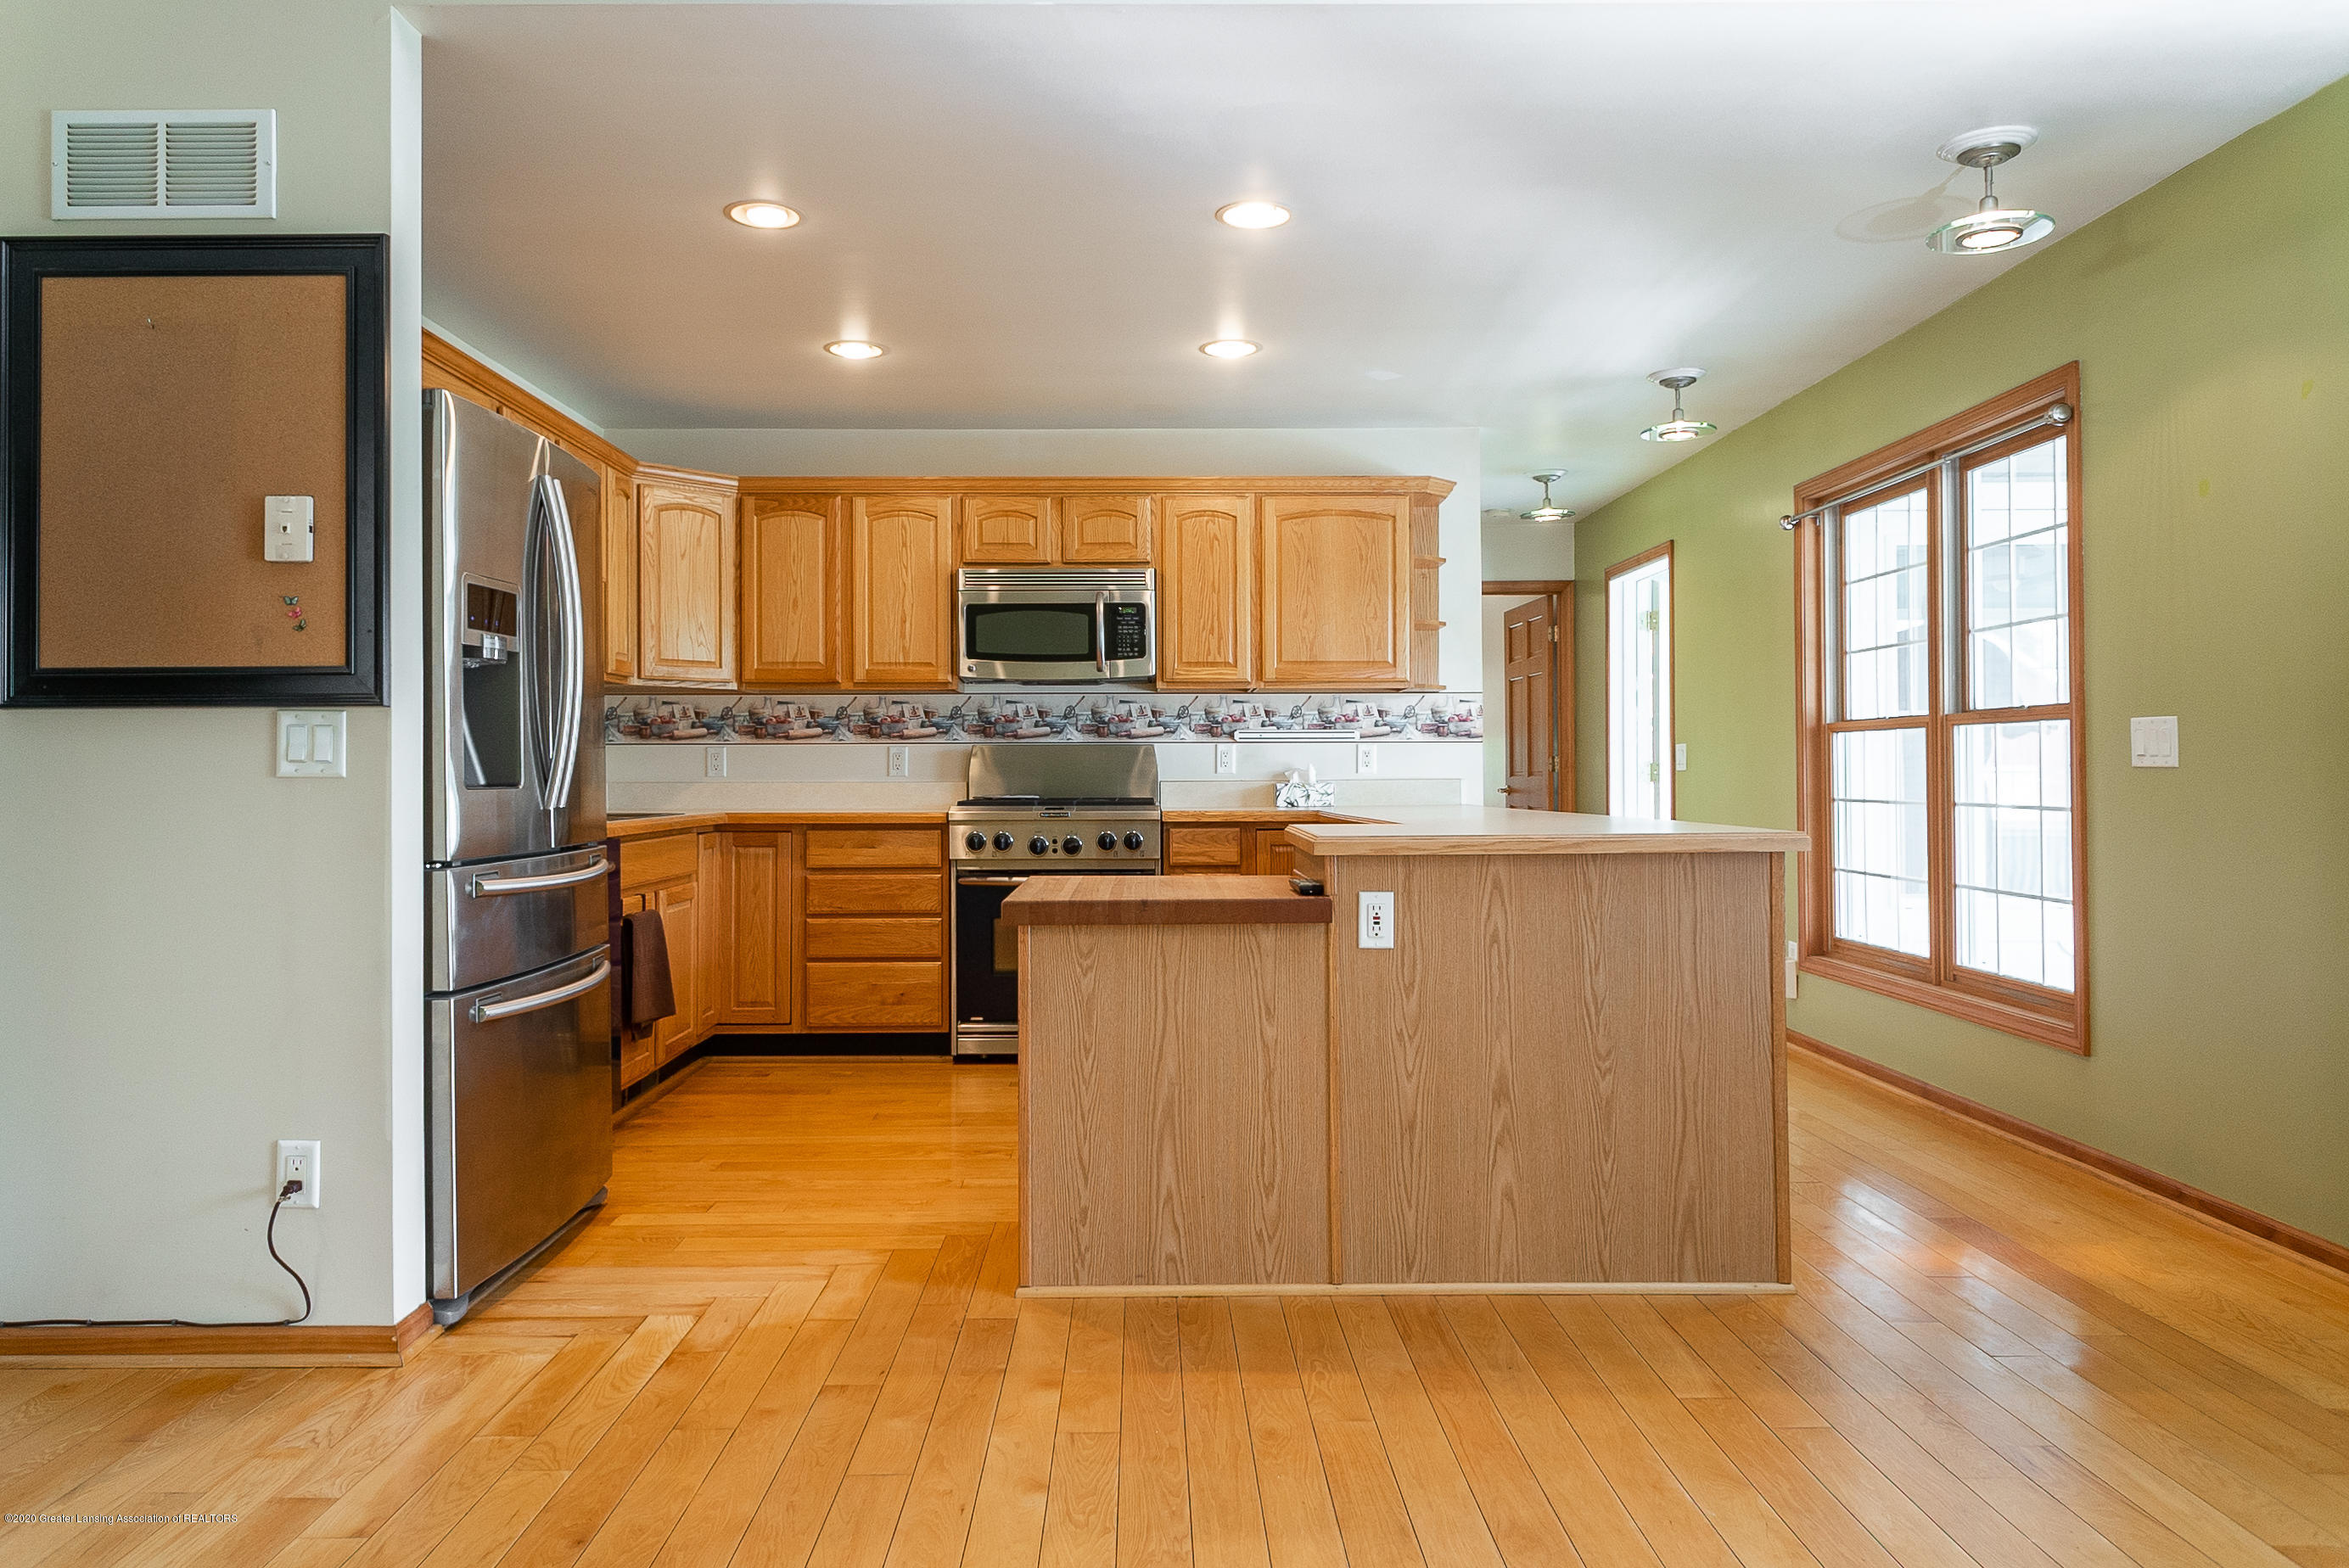 7337 Howe Rd - kitchen3 - 17